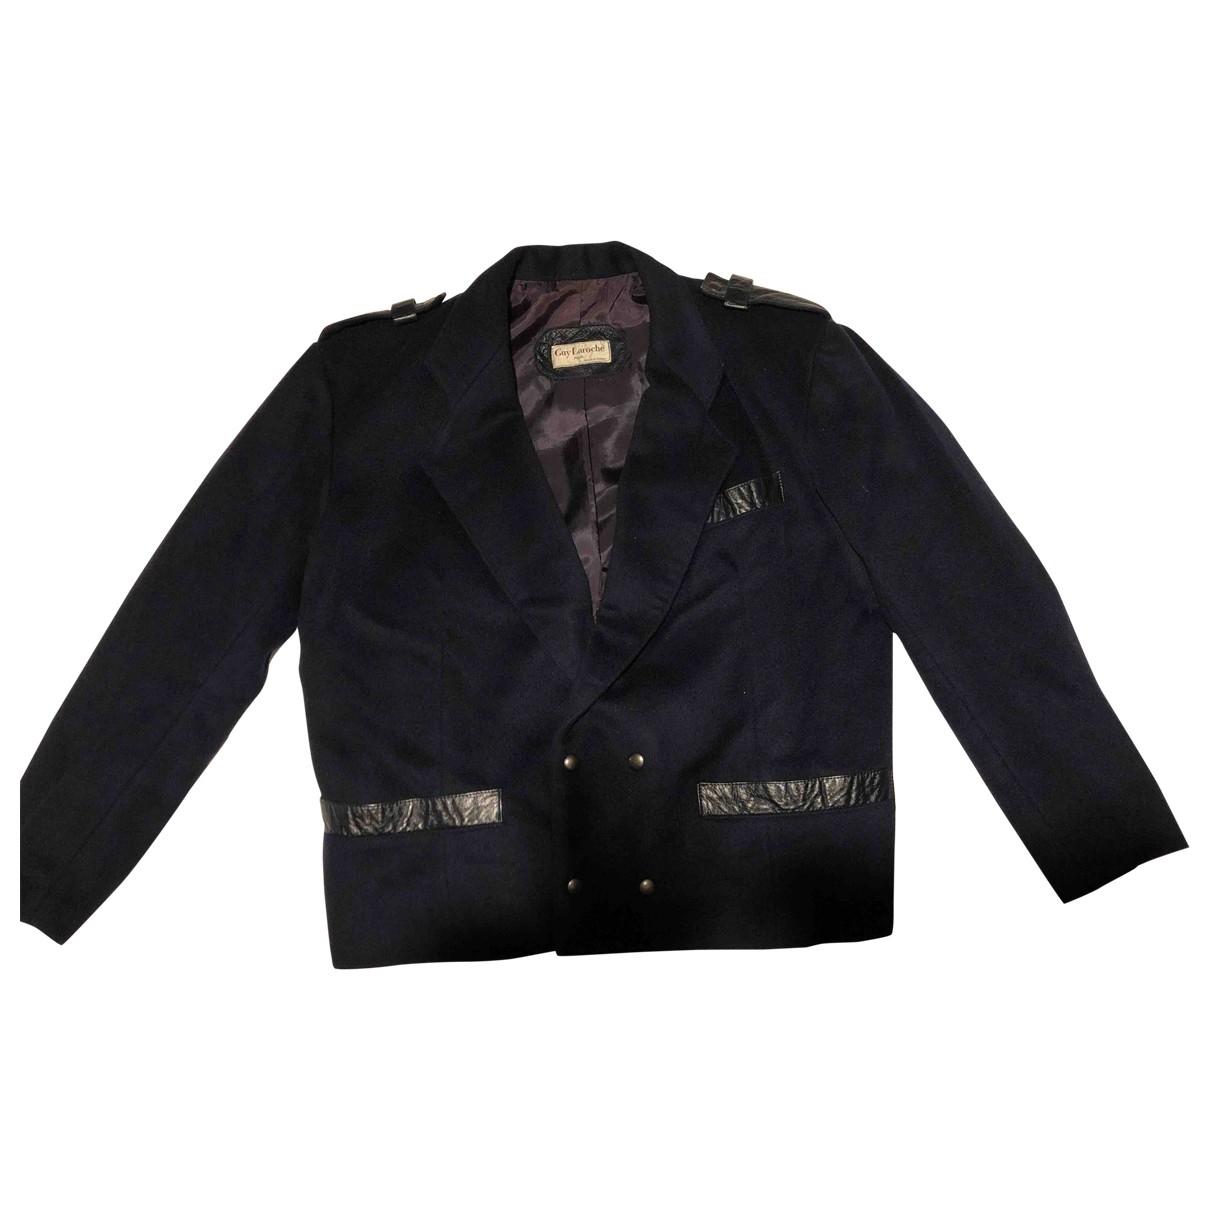 Guy Laroche \N Navy Wool jacket  for Men M International